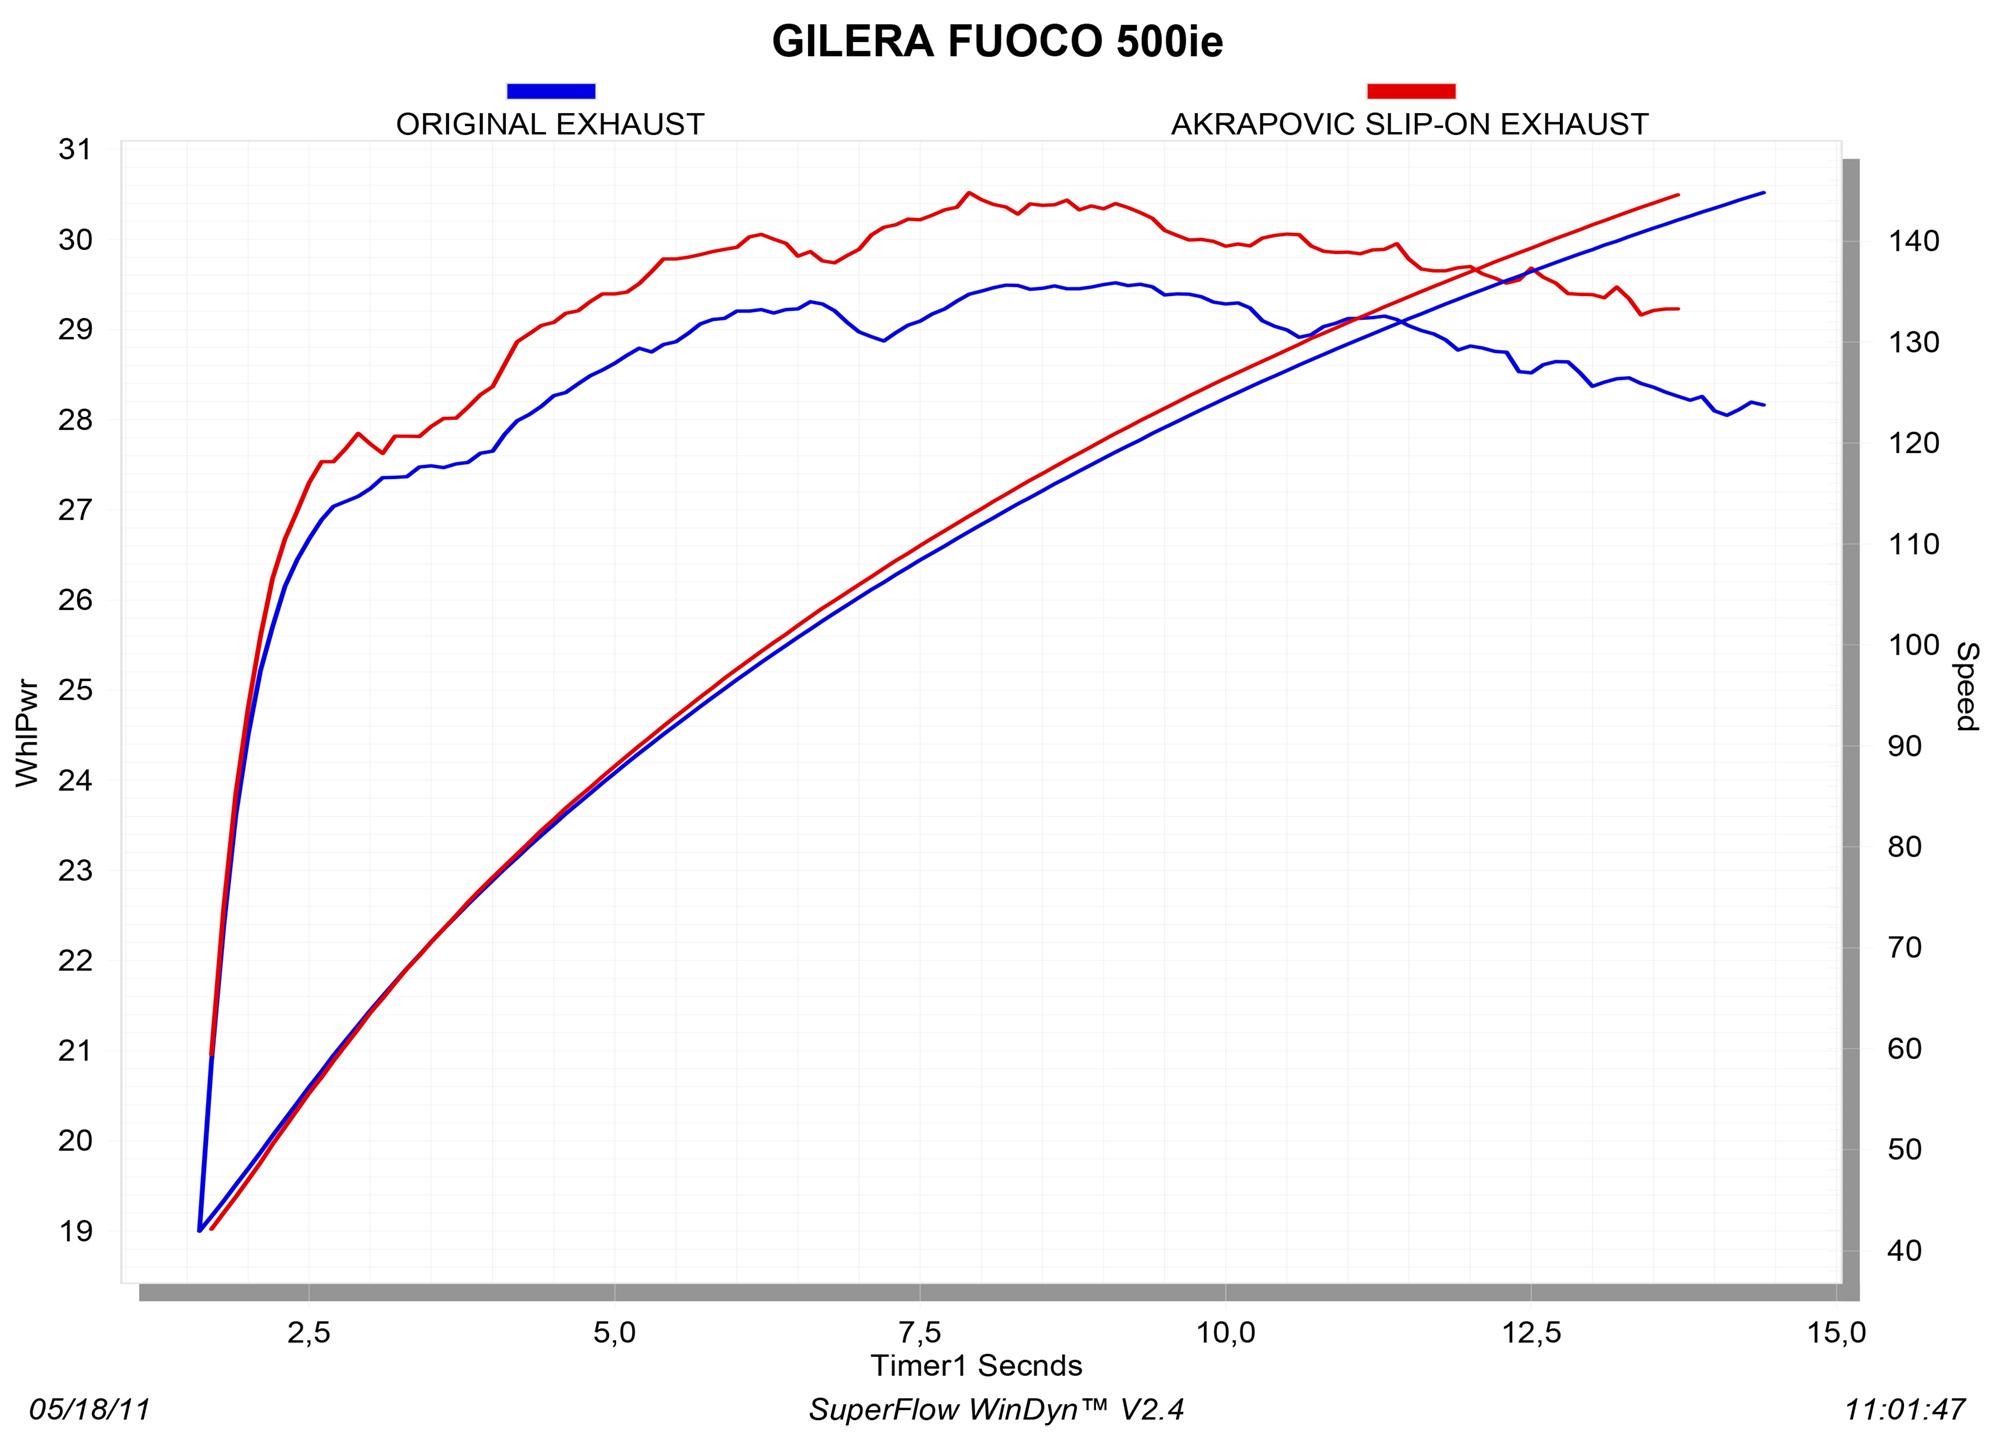 GLR_FUOCO500_B_graph